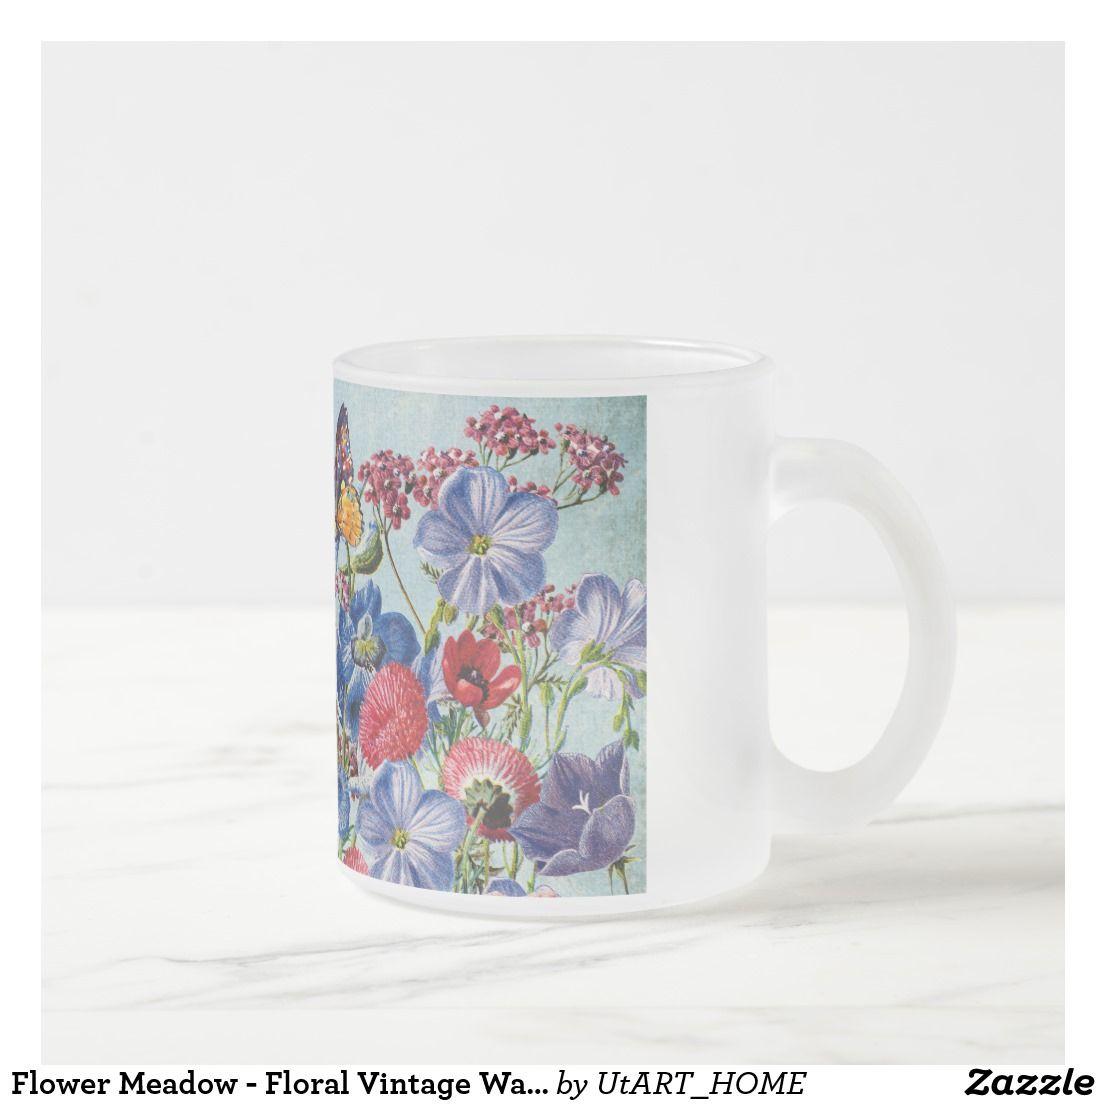 Flower Meadow - Floral Vintage Watercolor Coffee Mug